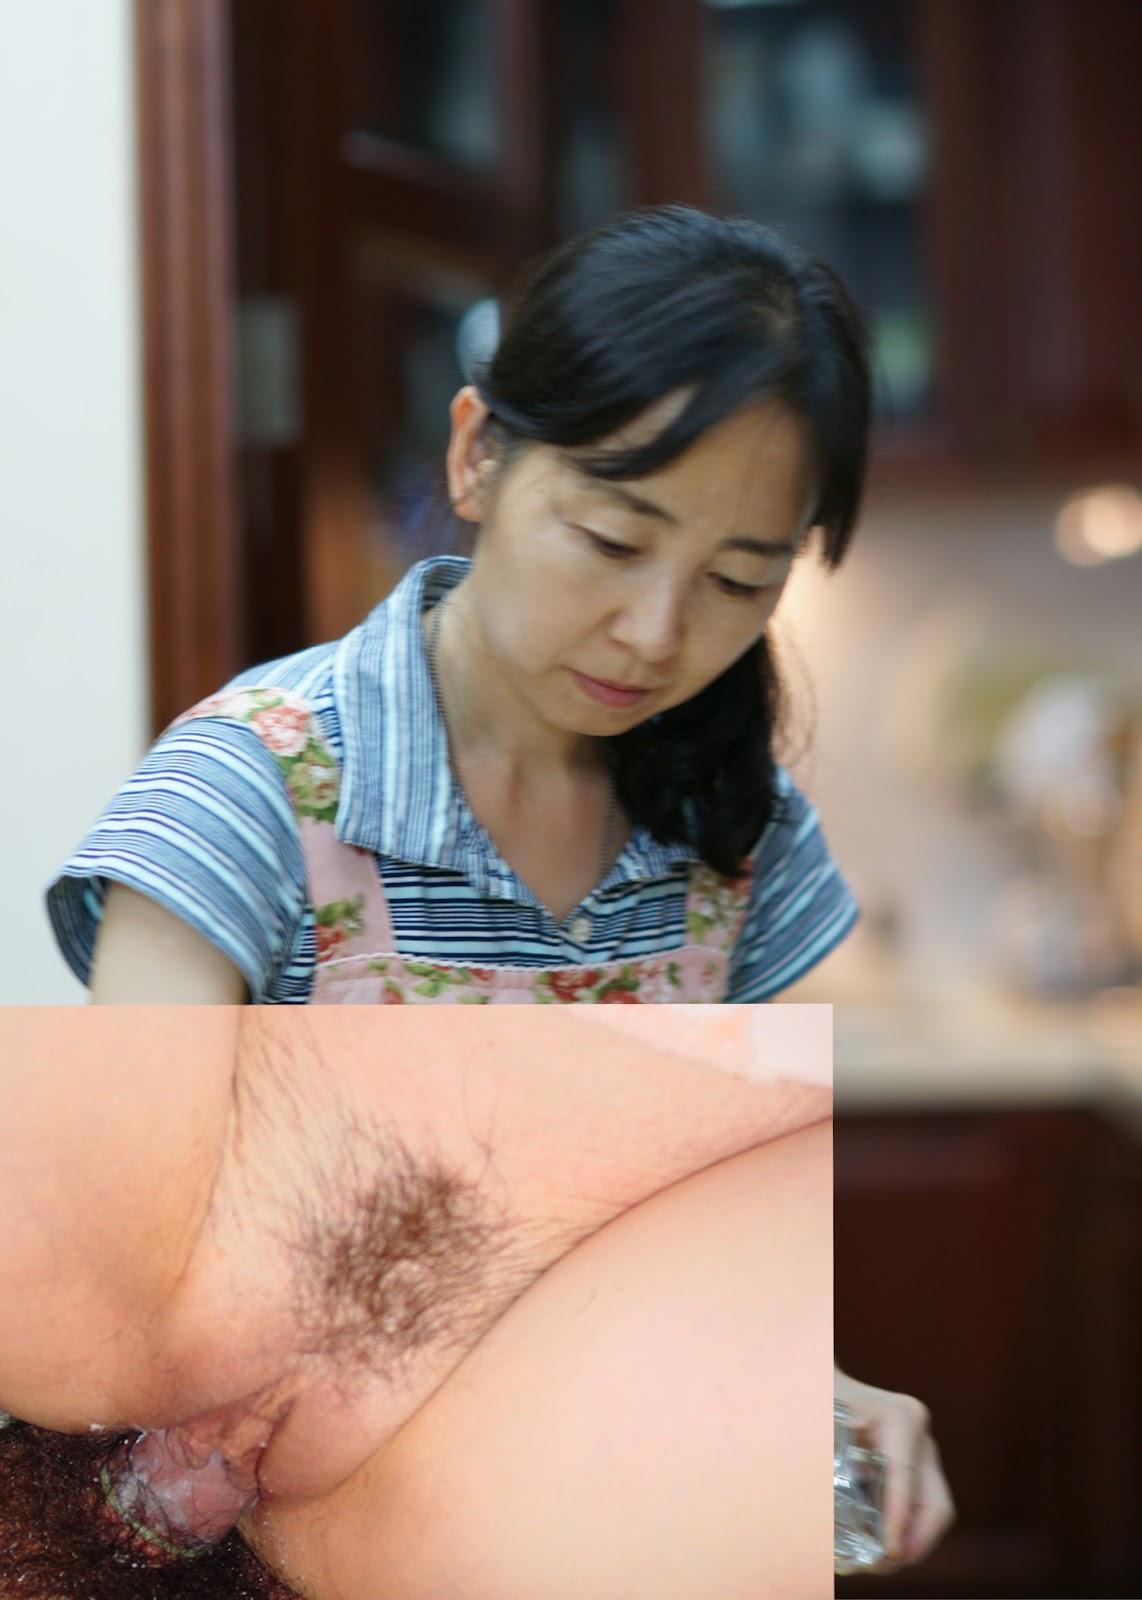 japanese amateur wife leaked tumblr tumblr amateur japanese-house-wife photo leaked